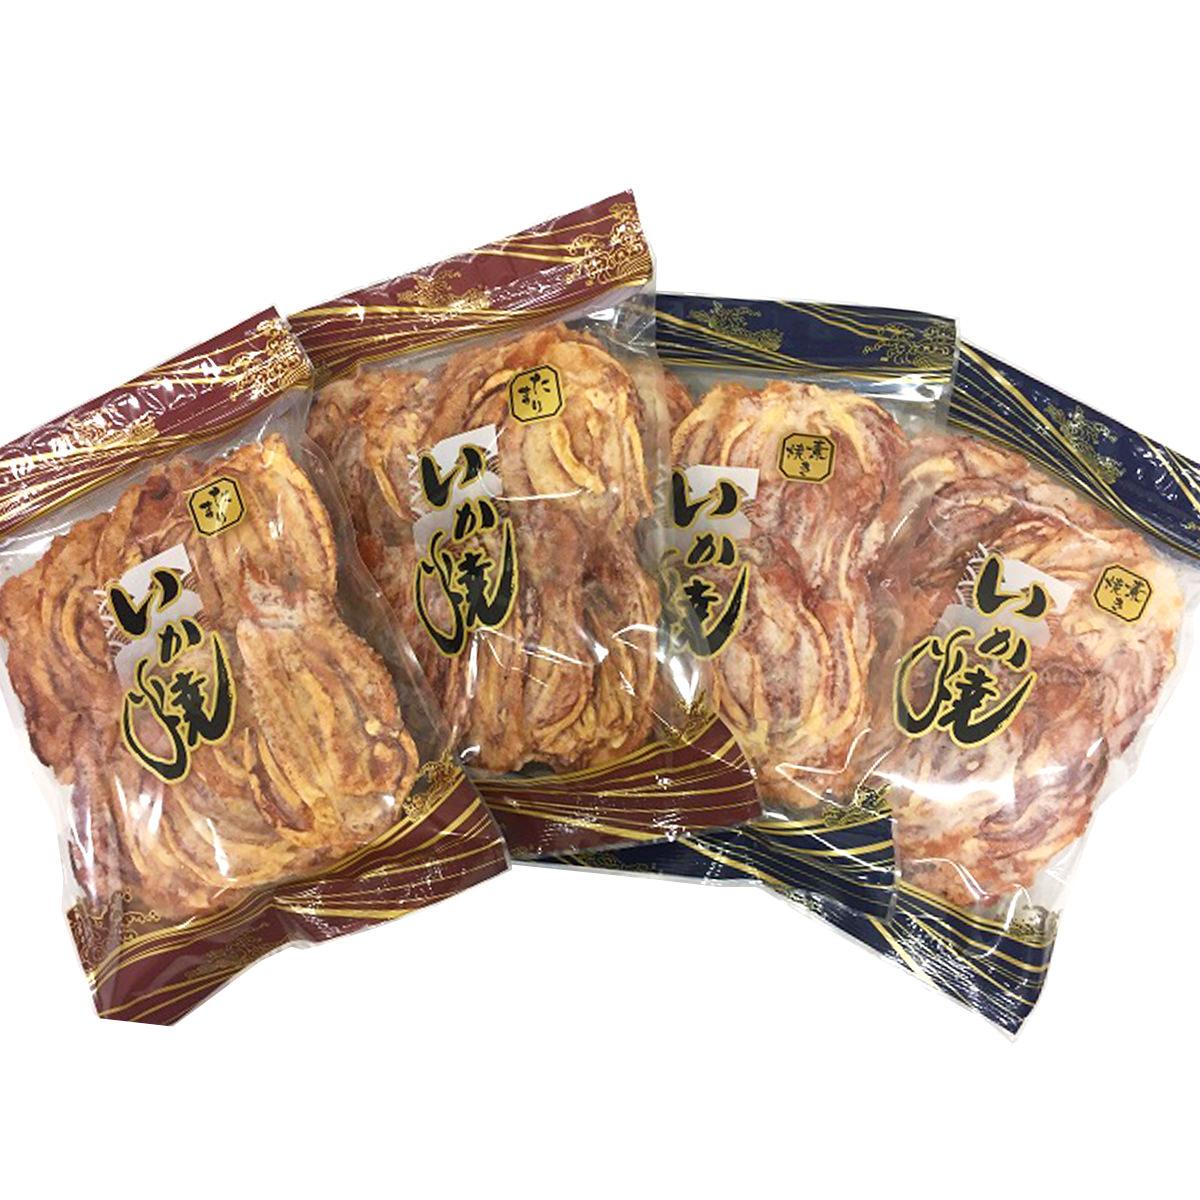 送料無料 産直 お取り寄せ いか焼き ギフトセット イヌヨ製菓 奉呈 全国どこでも送料無料 40年間続くいか焼一筋の専門店のおいしさ